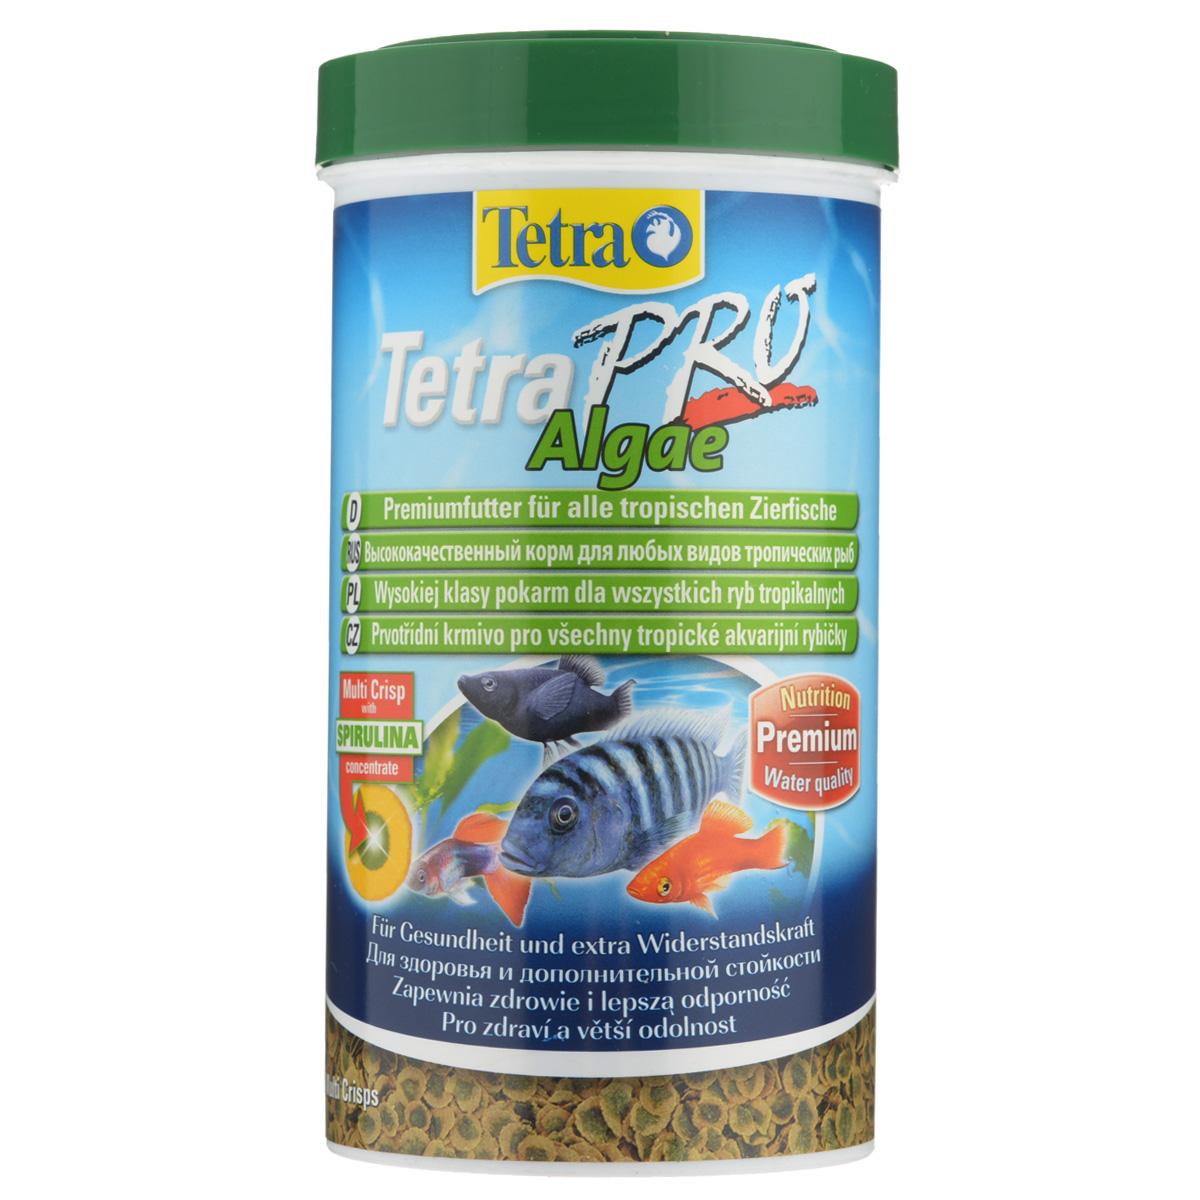 Корм сухой Tetra TetraPro. Algae для всех видов тропических рыб, чипсы, 500 мл (95 г)204492Полноценный высококачественный корм Tetra TetraPro. Algae для всех видов тропических рыб разработан для поддержания здоровья и придания дополнительной стойкости. Особенности Tetra TetraPro. Algae: - щадящая низкотемпературная технология изготовления для высокой питательной ценности и стабильности витаминов;- концентрат спирулина для повышения сопротивляемости организма;- инновационная форма чипсов для минимального загрязнения воды;- идеально подходит для растительноядных рыб;- легкое кормление. Рекомендации по кормлению: кормить несколько раз в день маленькими порциями.Состав: рыба и побочные рыбные продукты, зерновые культуры, экстракты растительного белка, дрожжи, моллюски и раки, масла и жиры, водоросли (спирулина 1%).Аналитические компоненты: сырой белок - 46%, сырые масла и жиры - 12%, сырая клетчатка - 3%, влага - 9%.Добавки: витамины, провитамины и химические вещества с аналогичным воздействием, витамин А 29810 МЕ/кг, витамин Д3 1860 МЕ/кг, Л-карнитин 123 мг/кг. Комбинации элементов: Е5 Марганец 67 мг/кг, Е6 Цинк 40 мг/кг, Е1 Железо 26 мг/кг. Красители, консерванты, антиоксиданты.Товар сертифицирован.